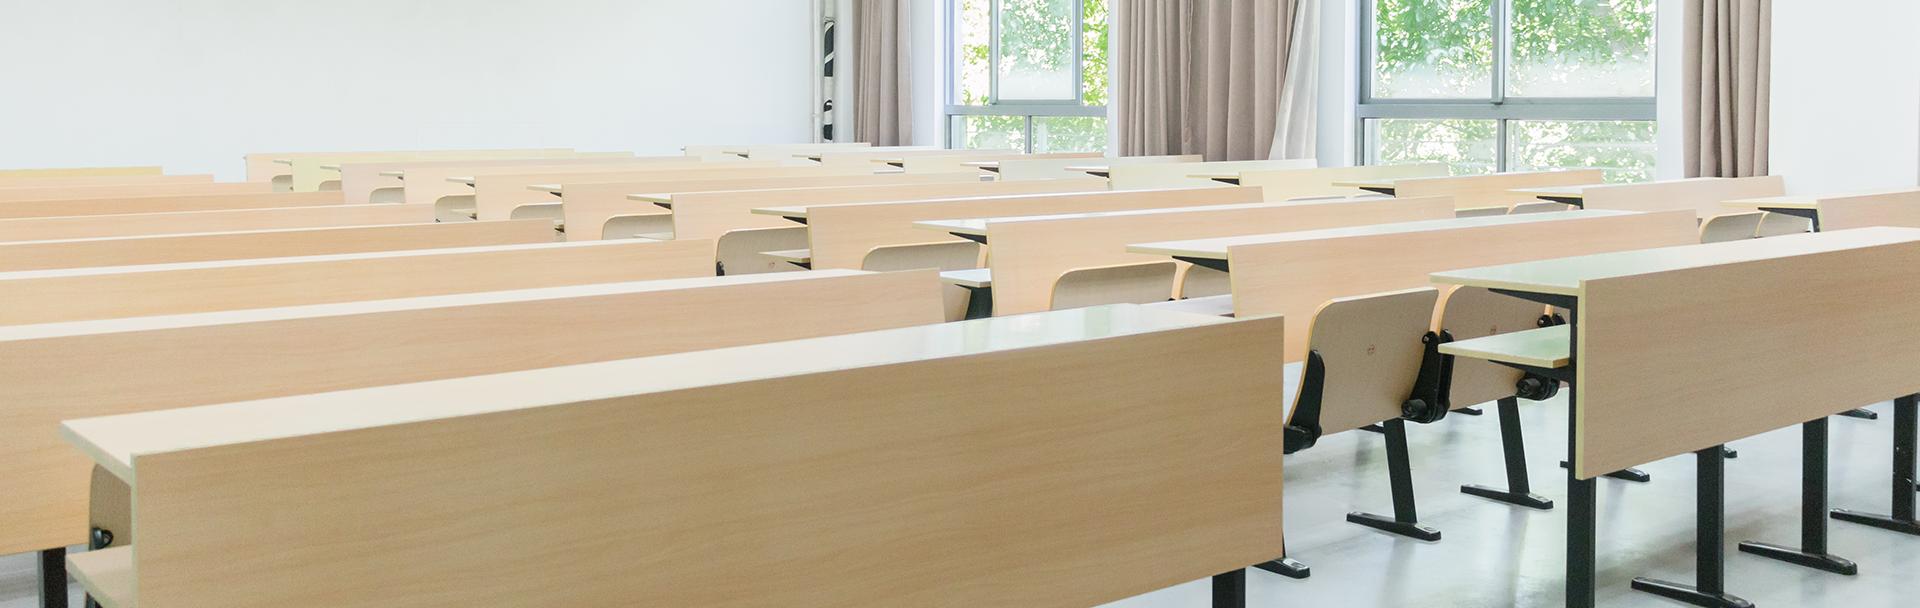 健康光环境教室